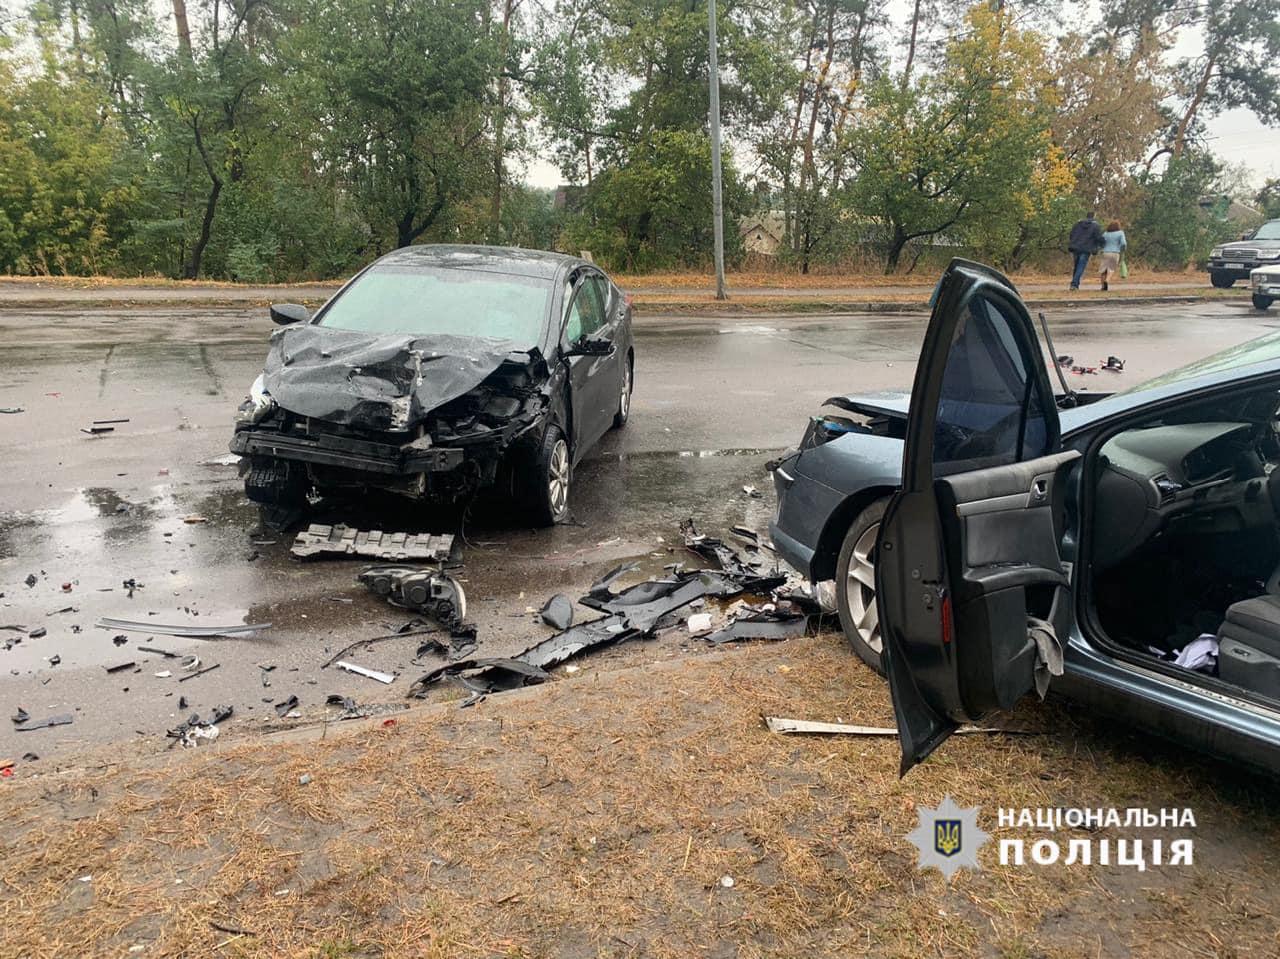 ДТП в Черкассах унесло три человеческих жизни: подробности резонансной аварии